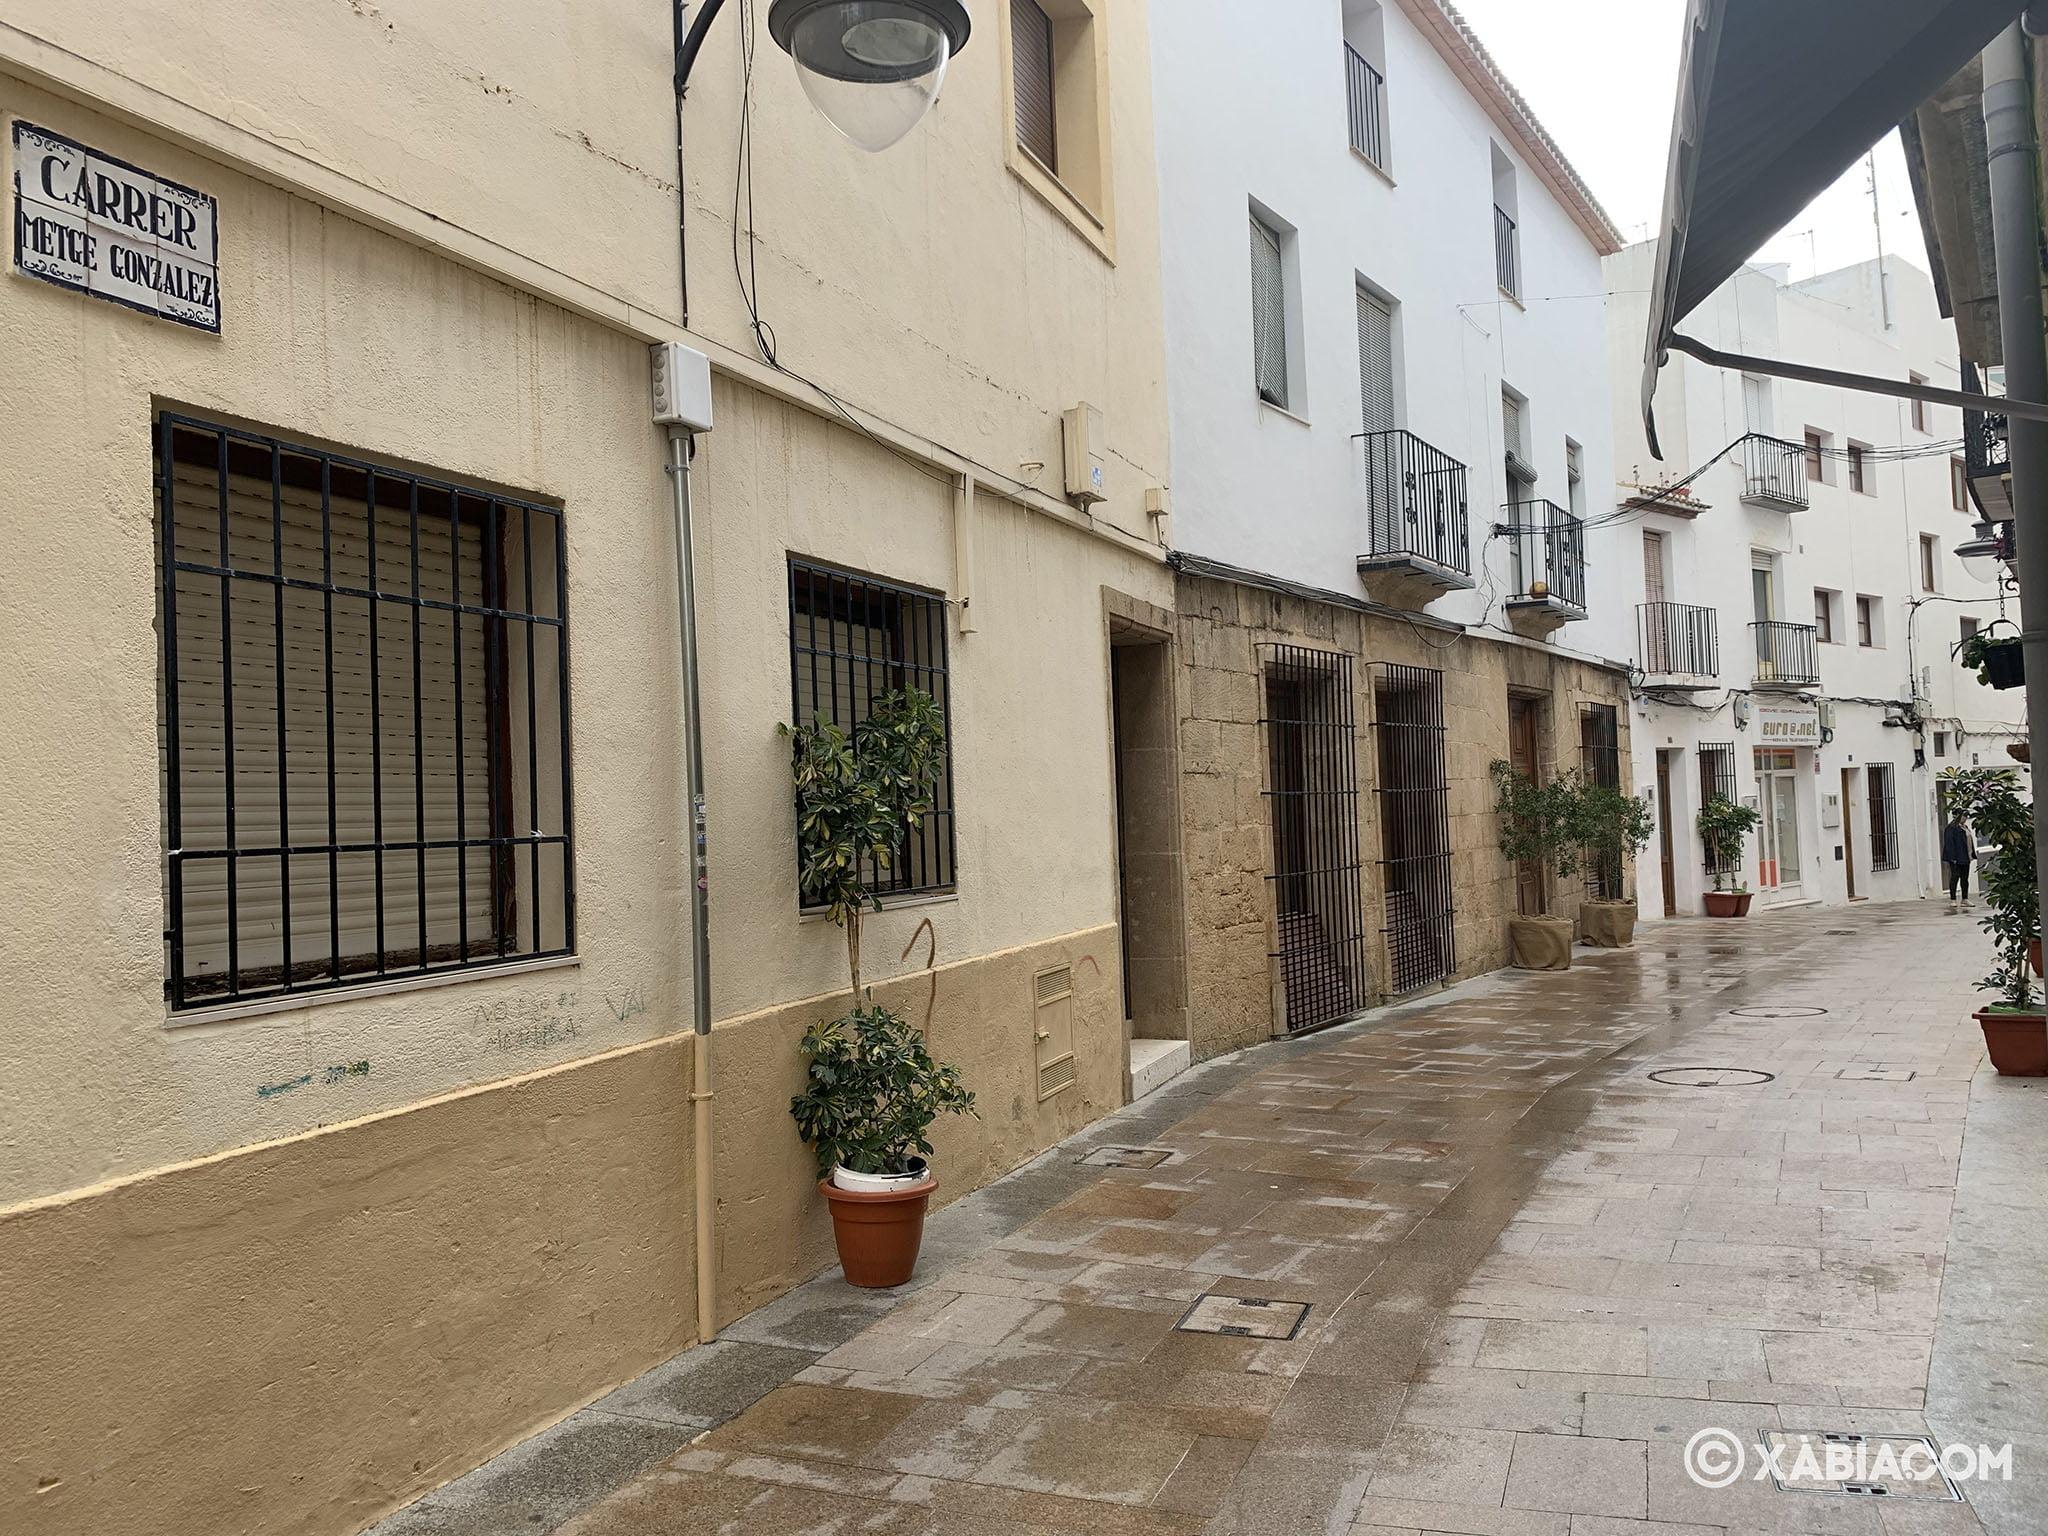 Calle de Xàbia durante el confinamiento